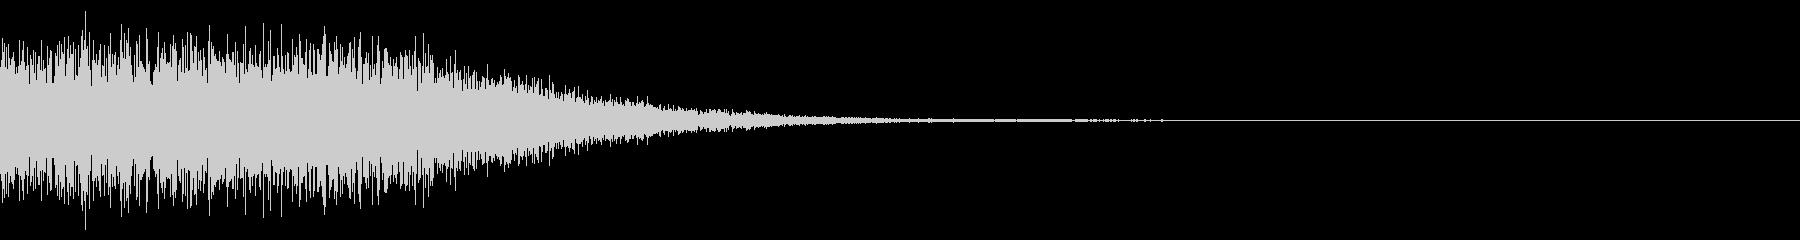 魔法的なアルペジオ 変身シーンの未再生の波形